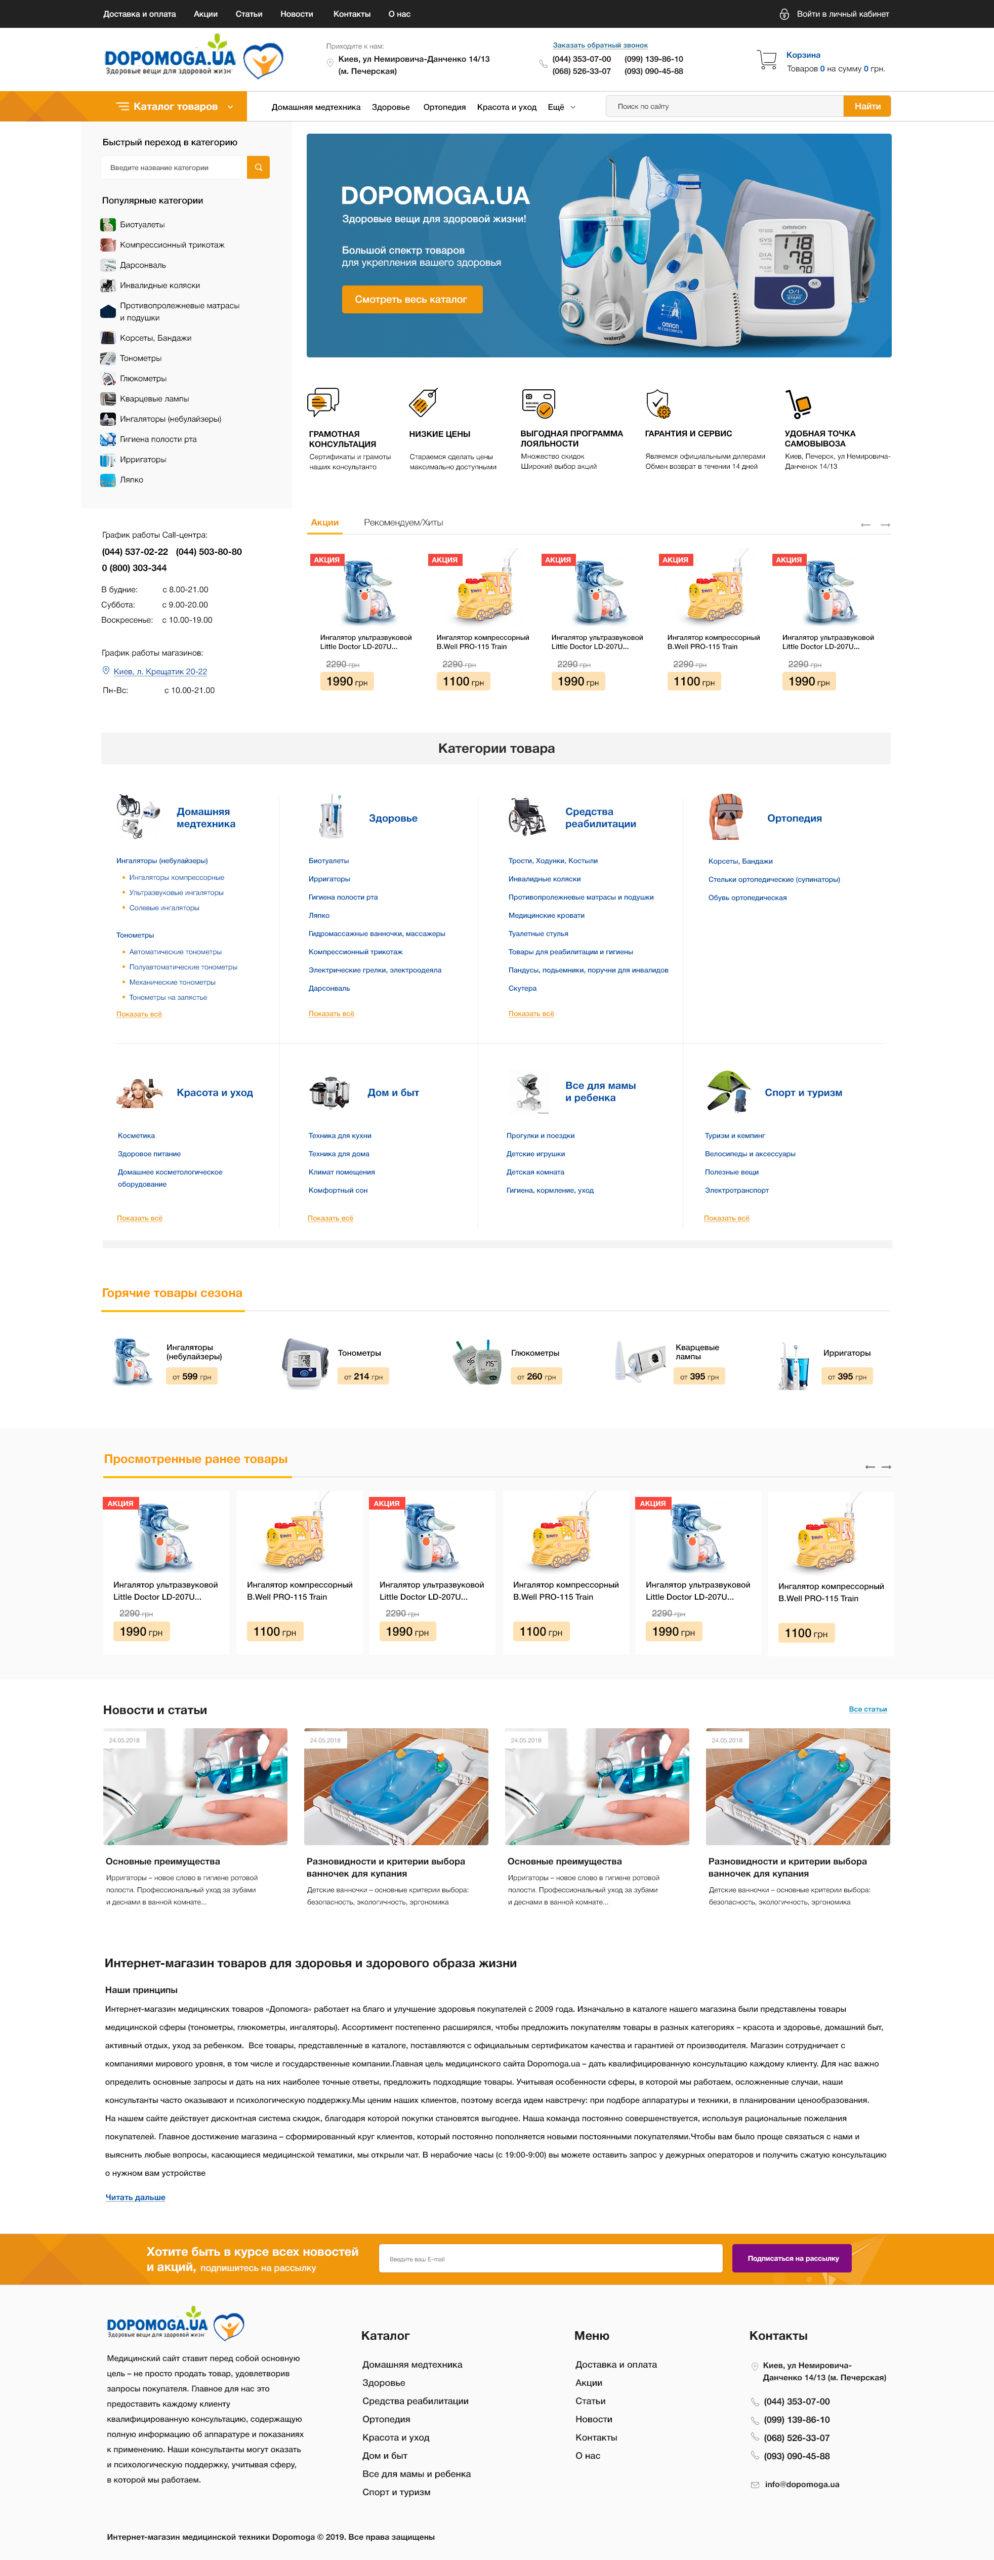 Website design for webstore Dopomoga